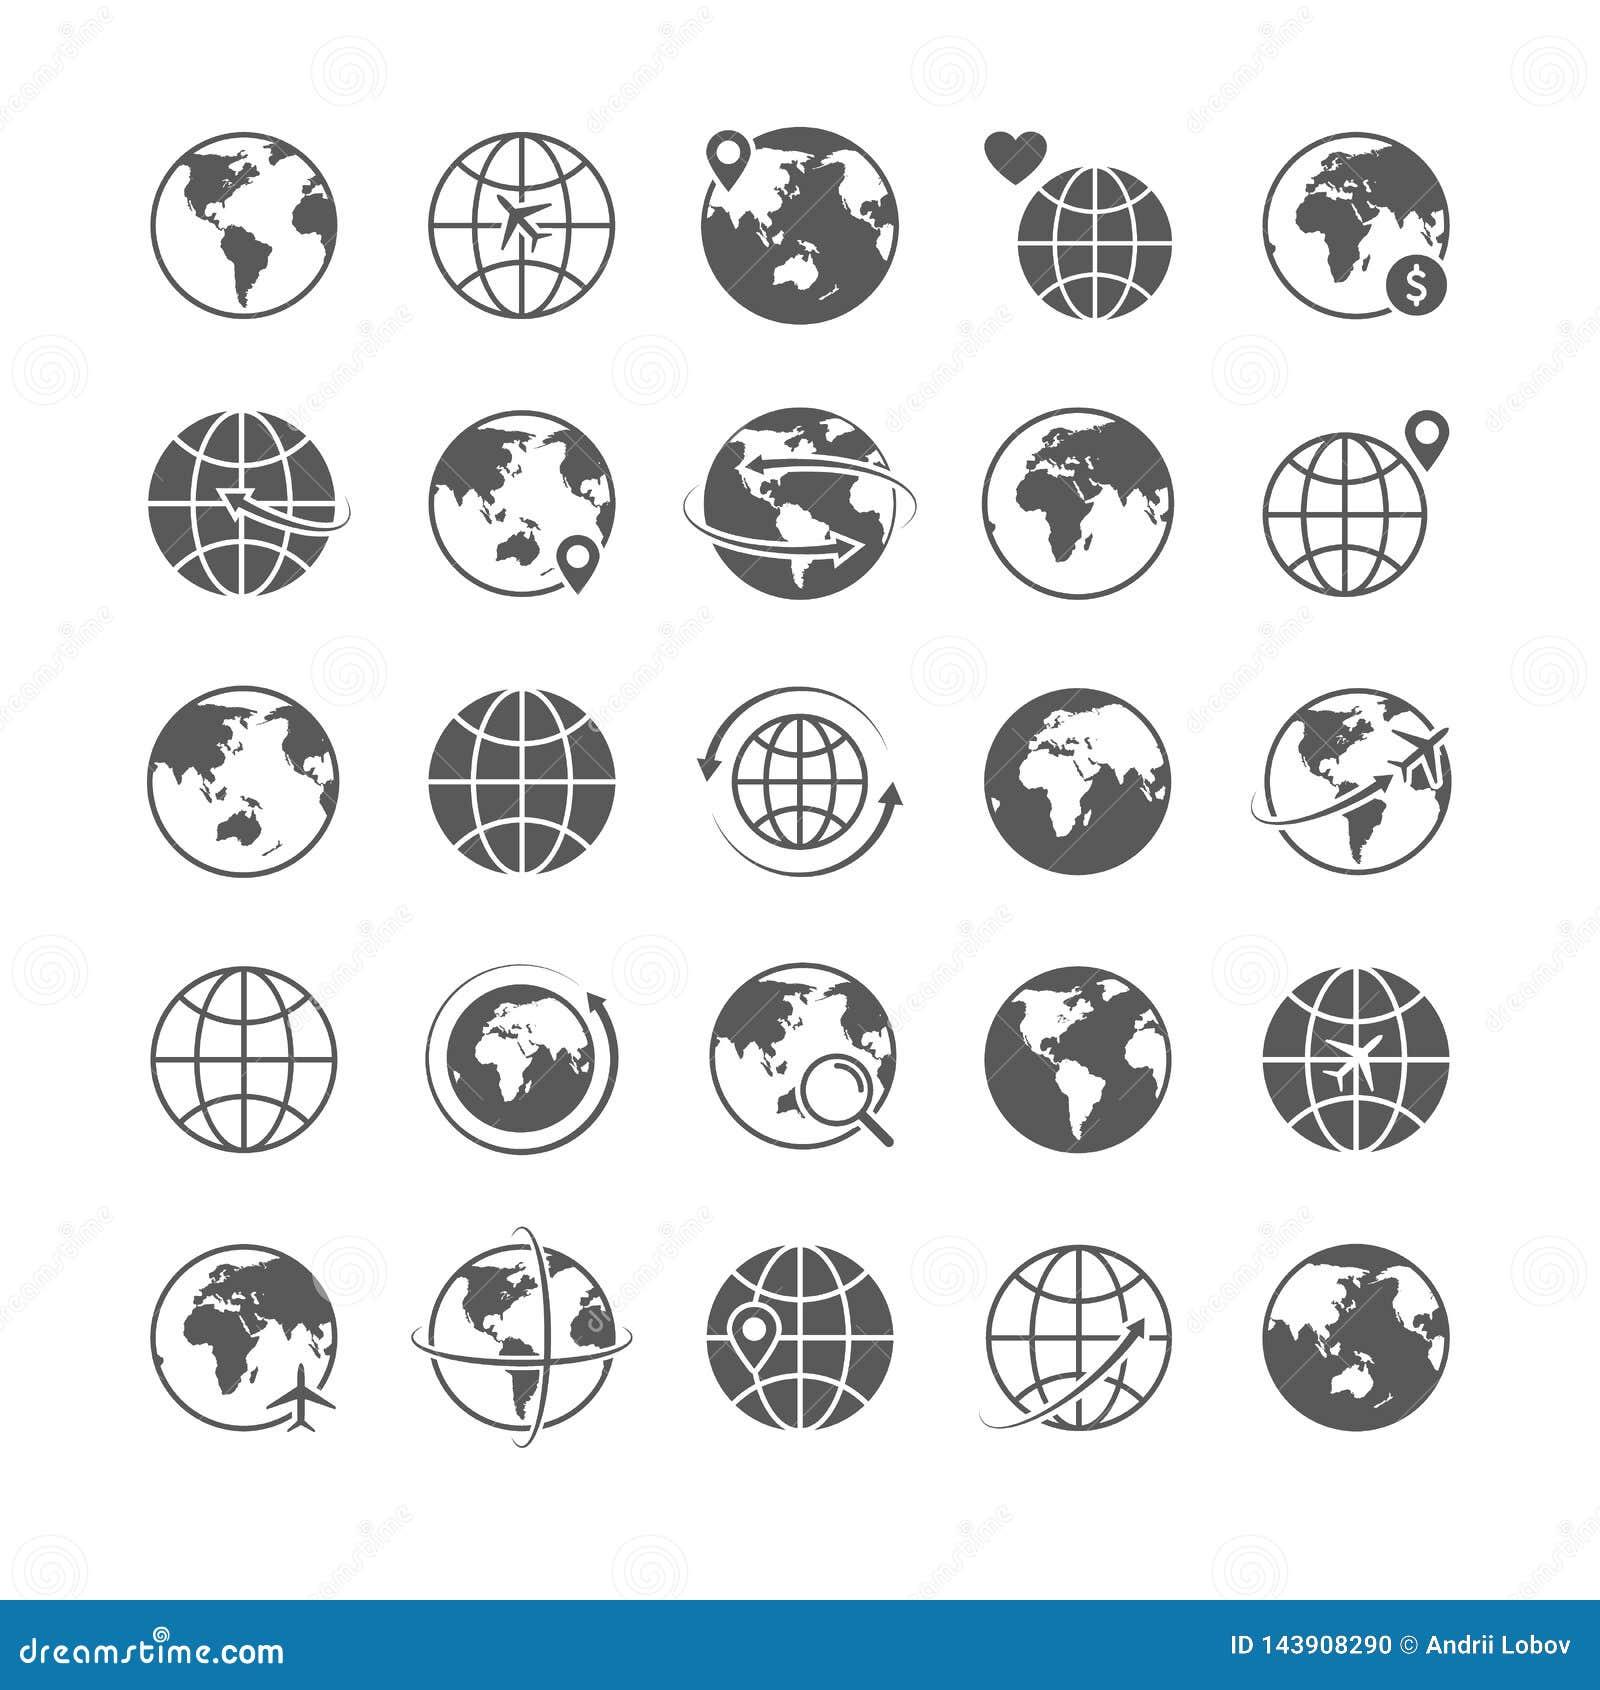 Jordklotsymboler ställde in linjen symbolsturismvektor för marknadsföringen för komrets för internet för symboler för konturn för